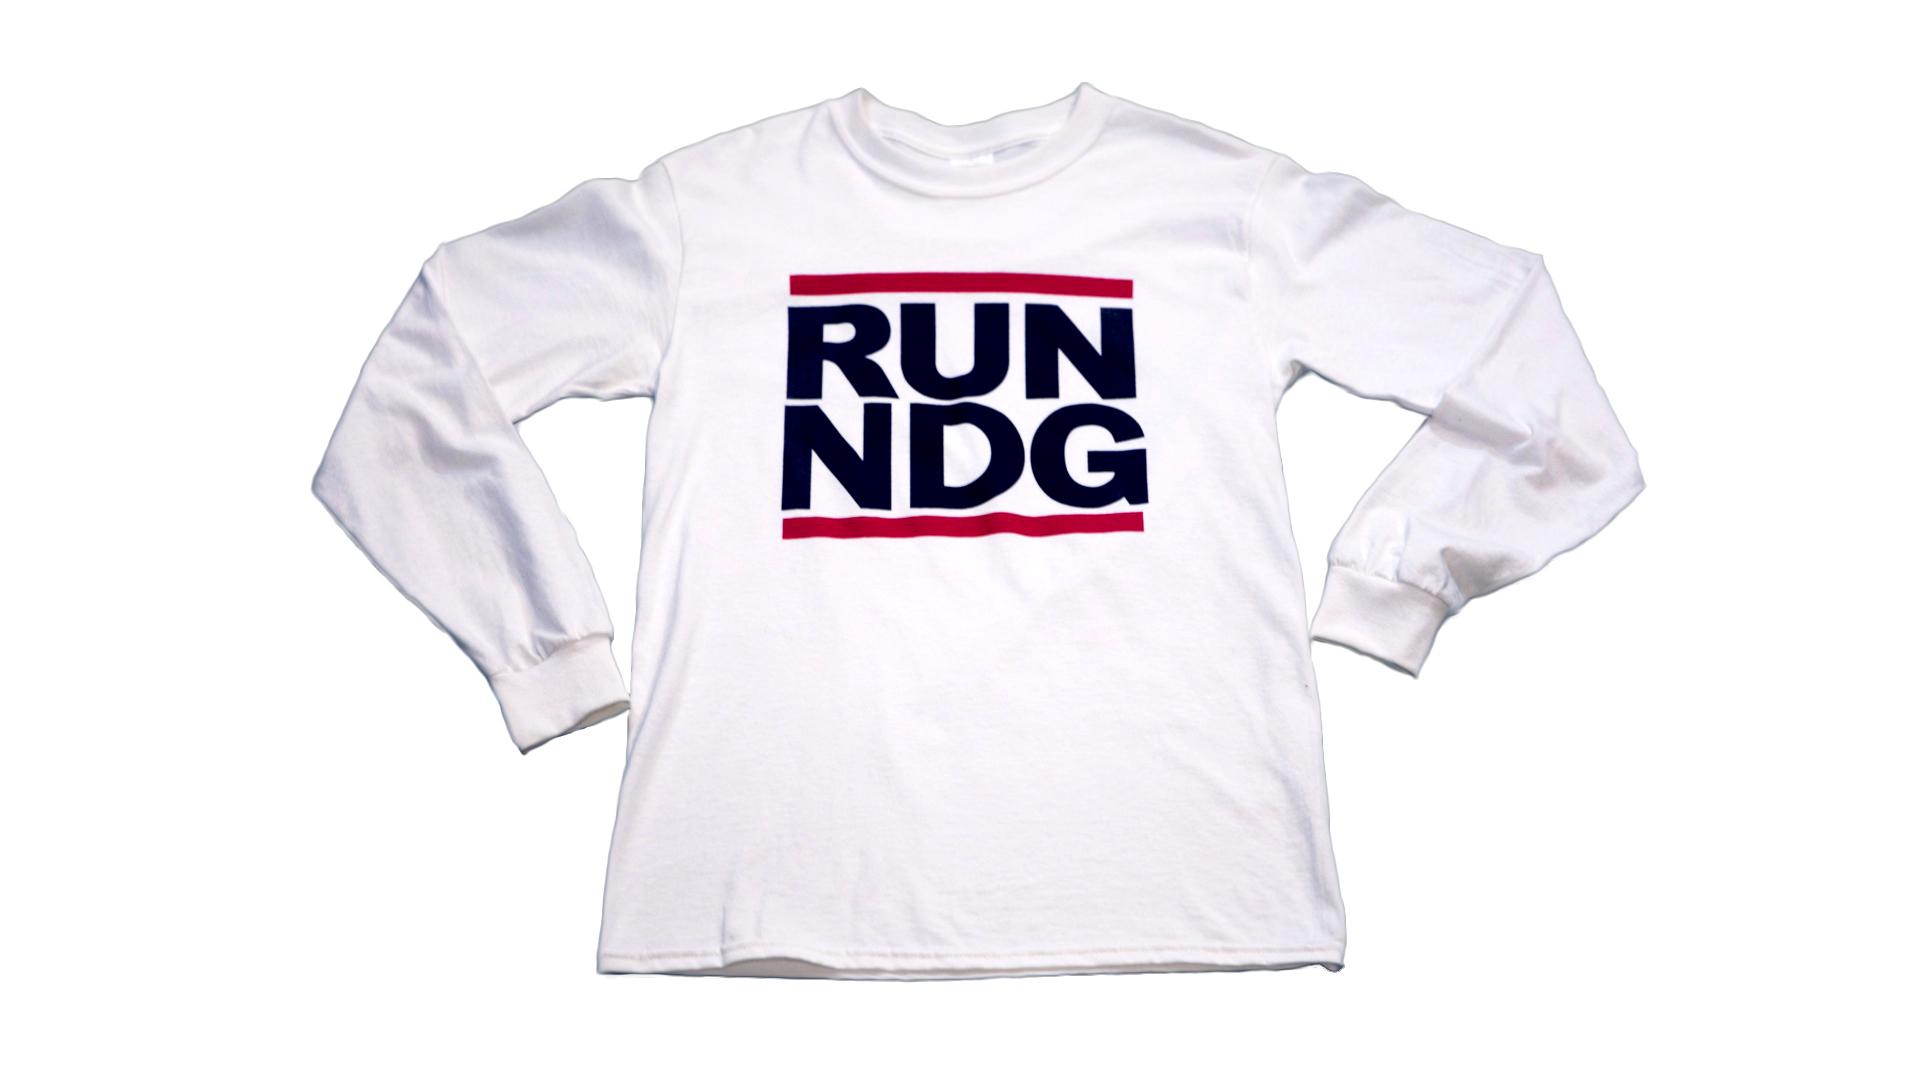 RunNDG3 copy.jpg